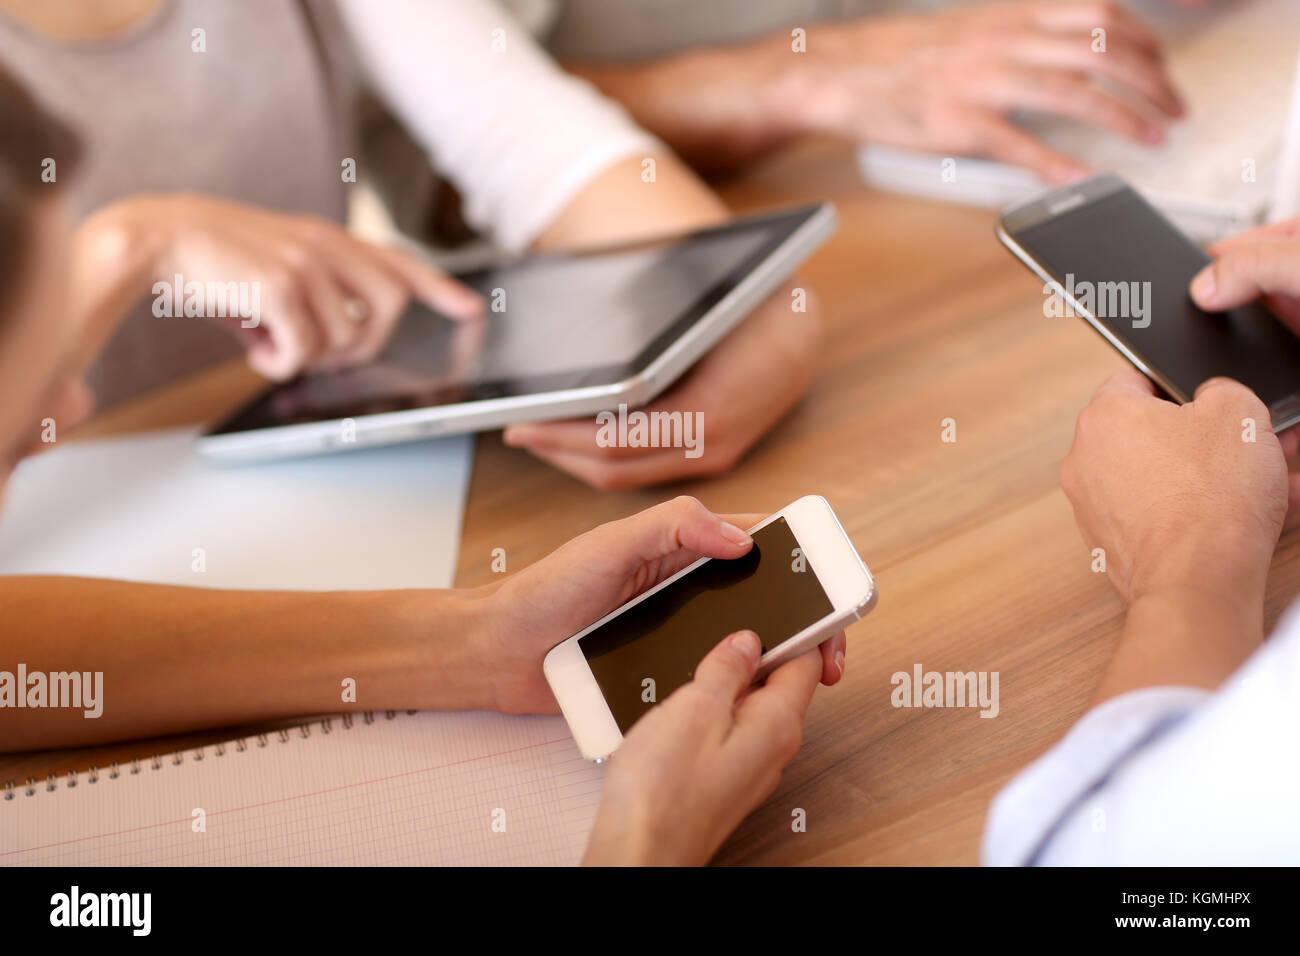 Gruppe von Geschäftsleuten mit elektronischen Geräten bei der Arbeit Stockbild